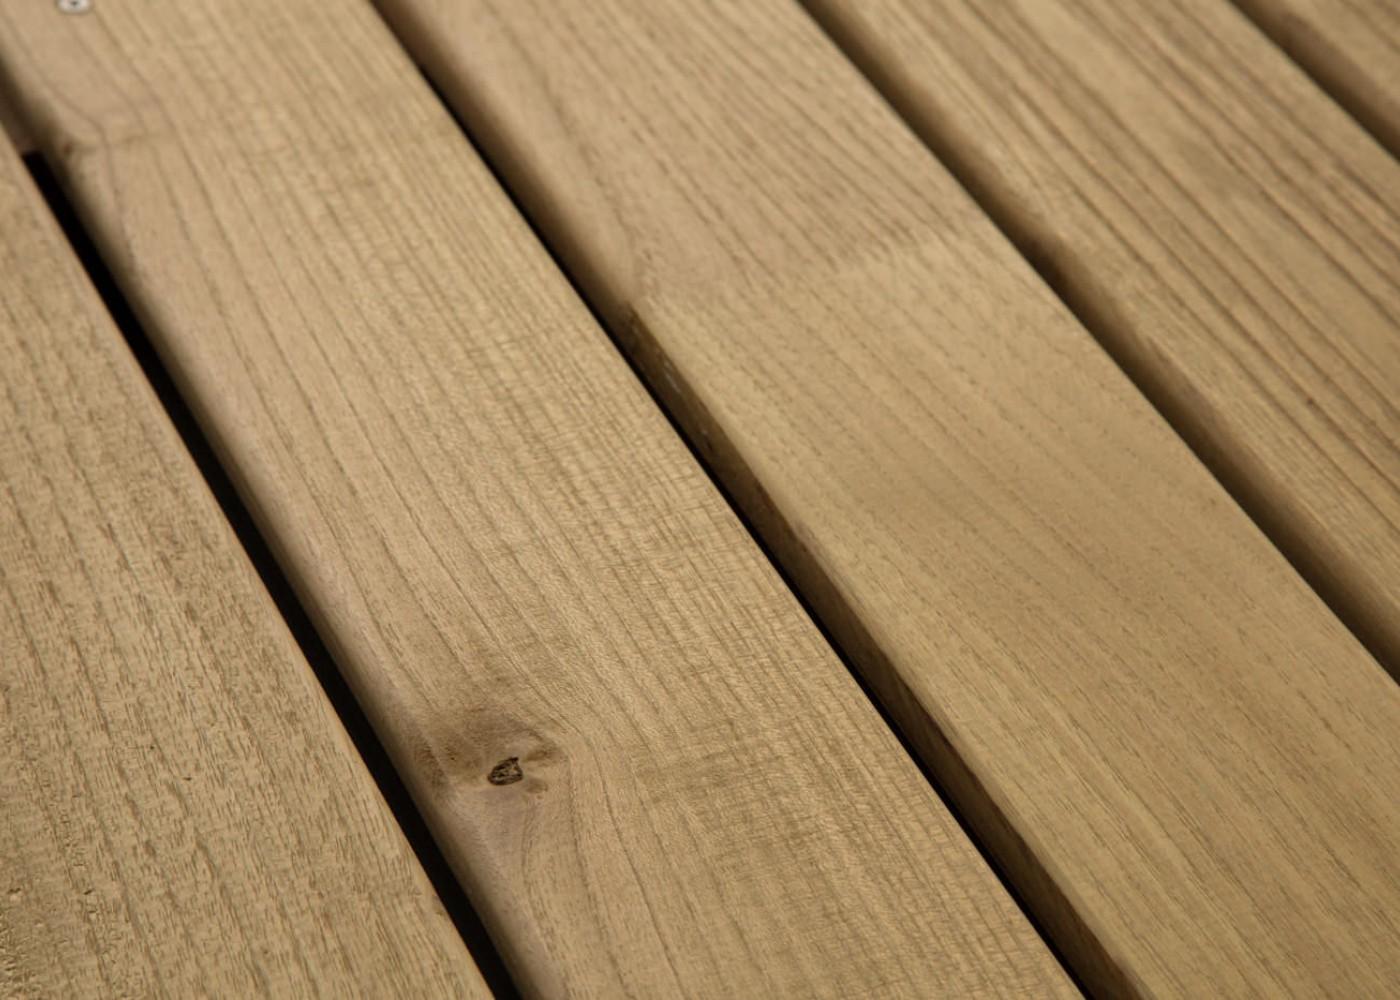 Lame Terrasse Acacia Choix Courant à Visser ou Fixation Invisible 1 Face Lisse / 1 Face Antidérapante Profil Peigné